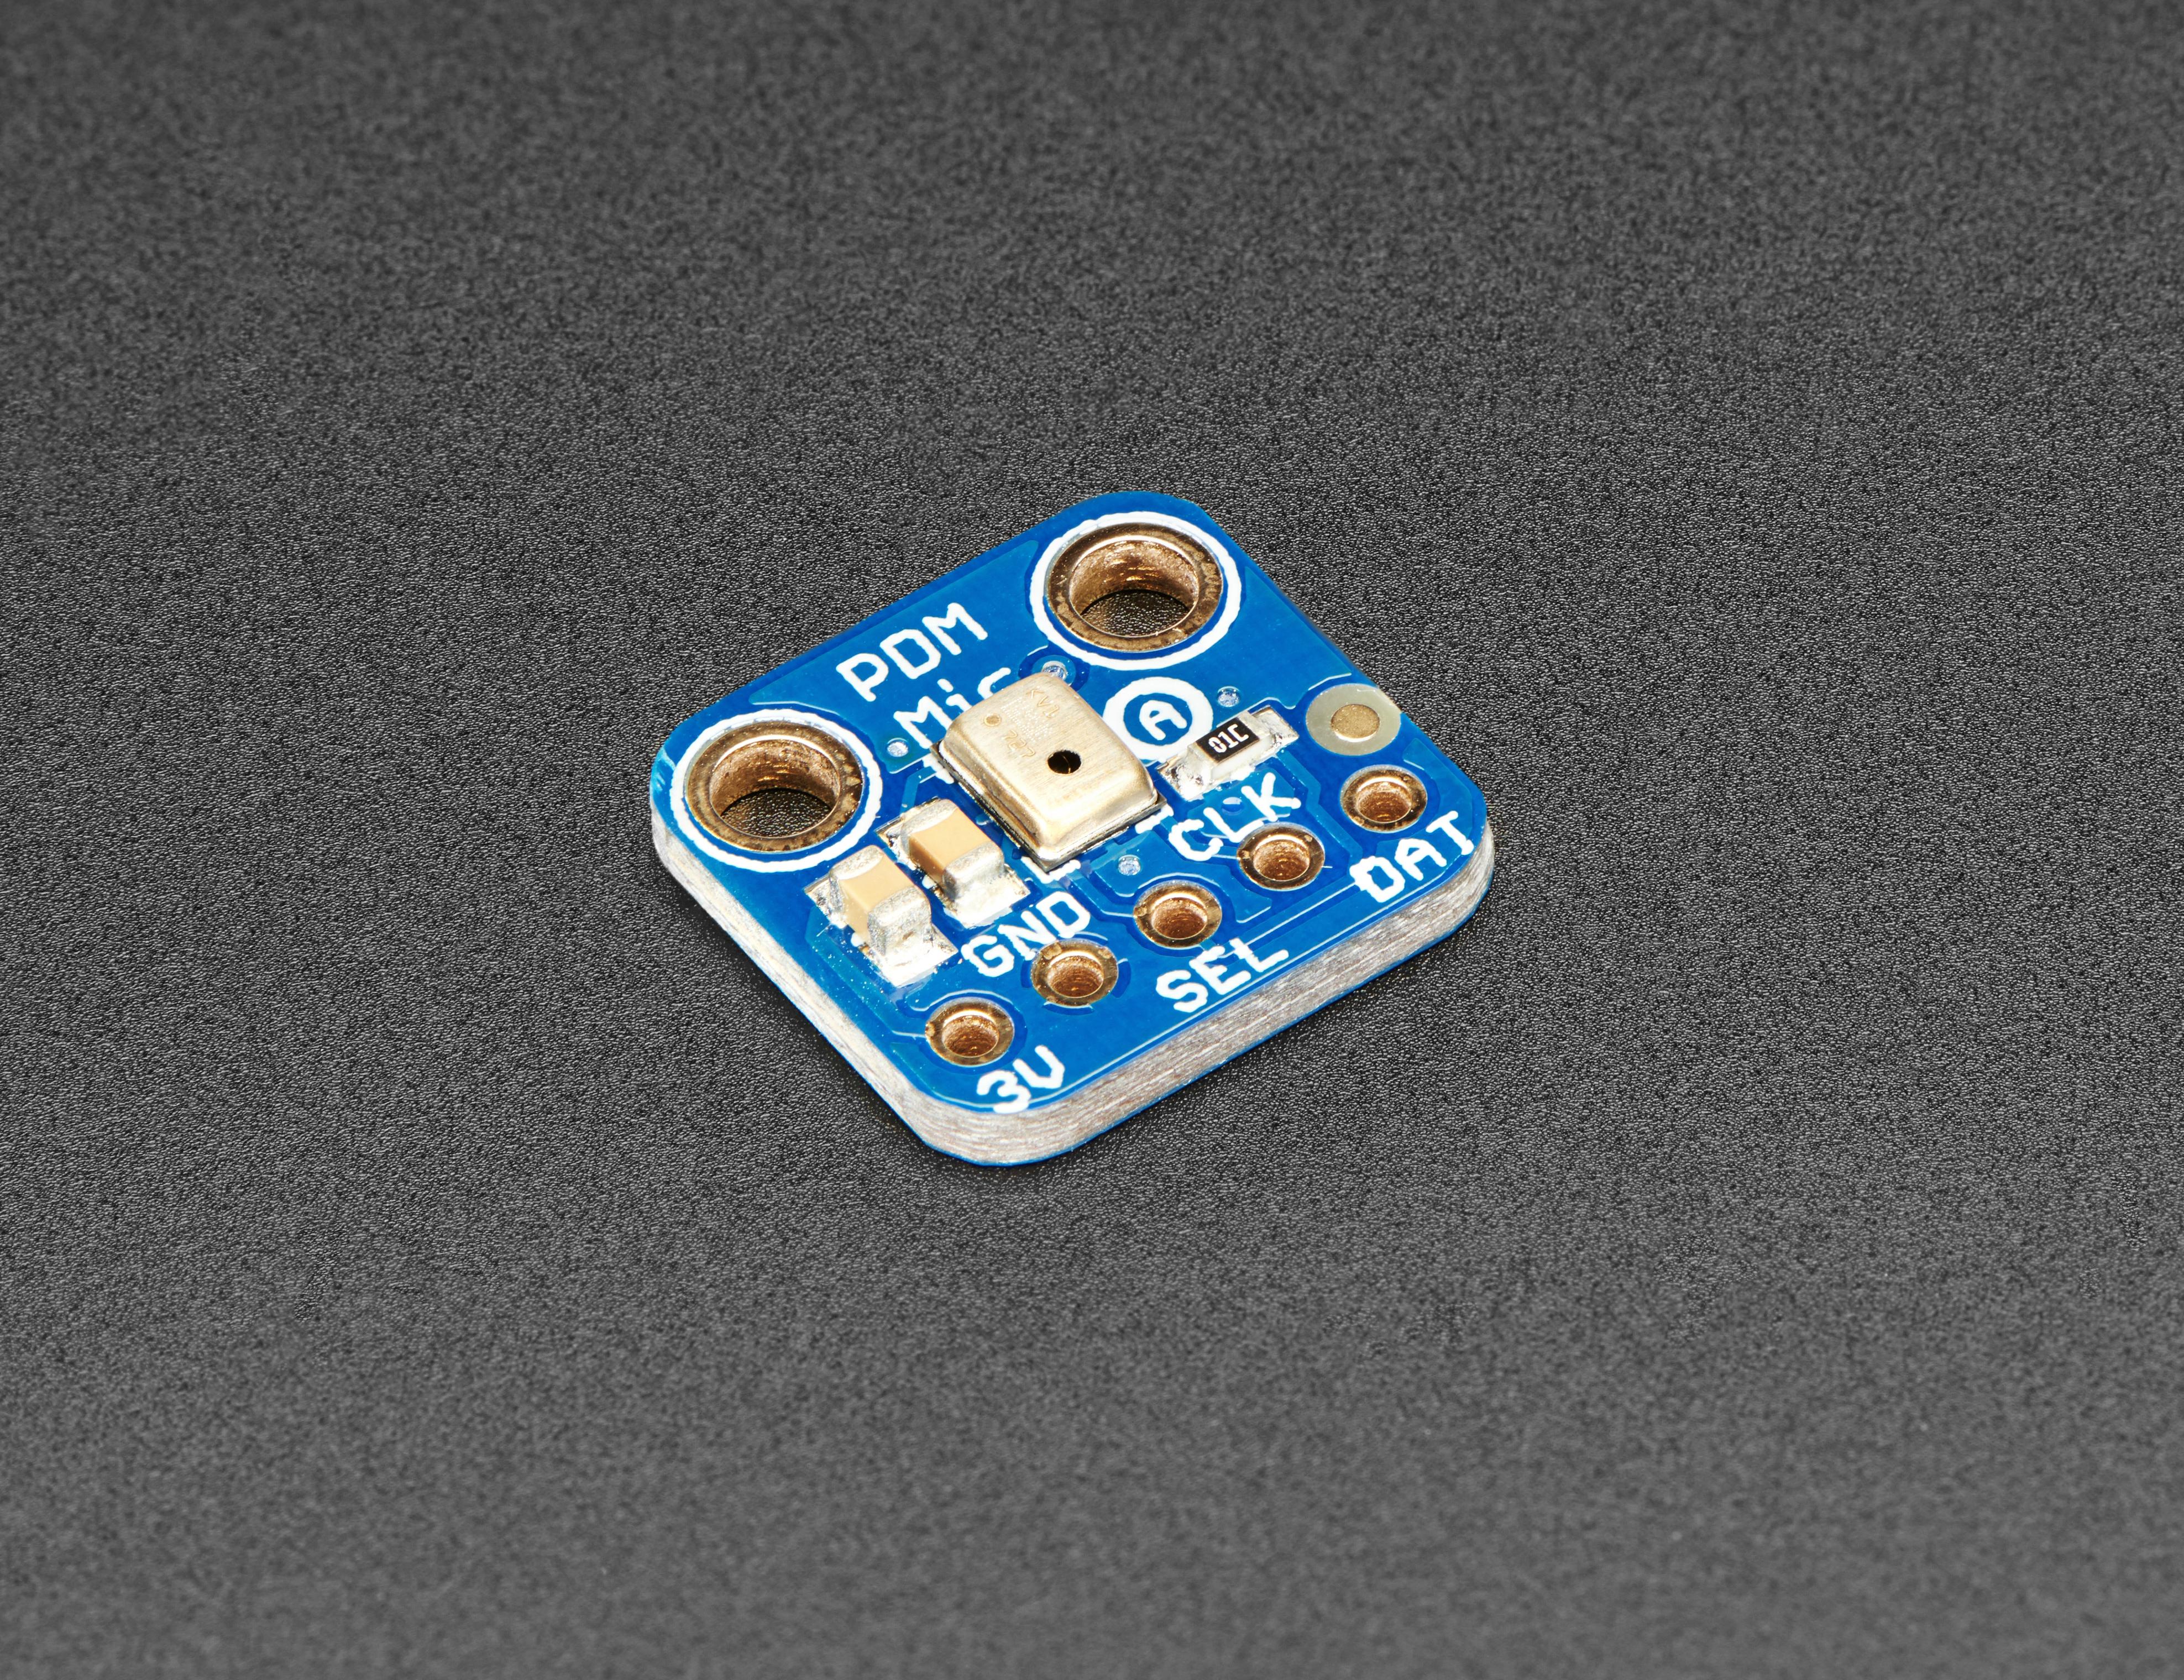 sensors_3492_iso_ORIG_2018_01.jpg